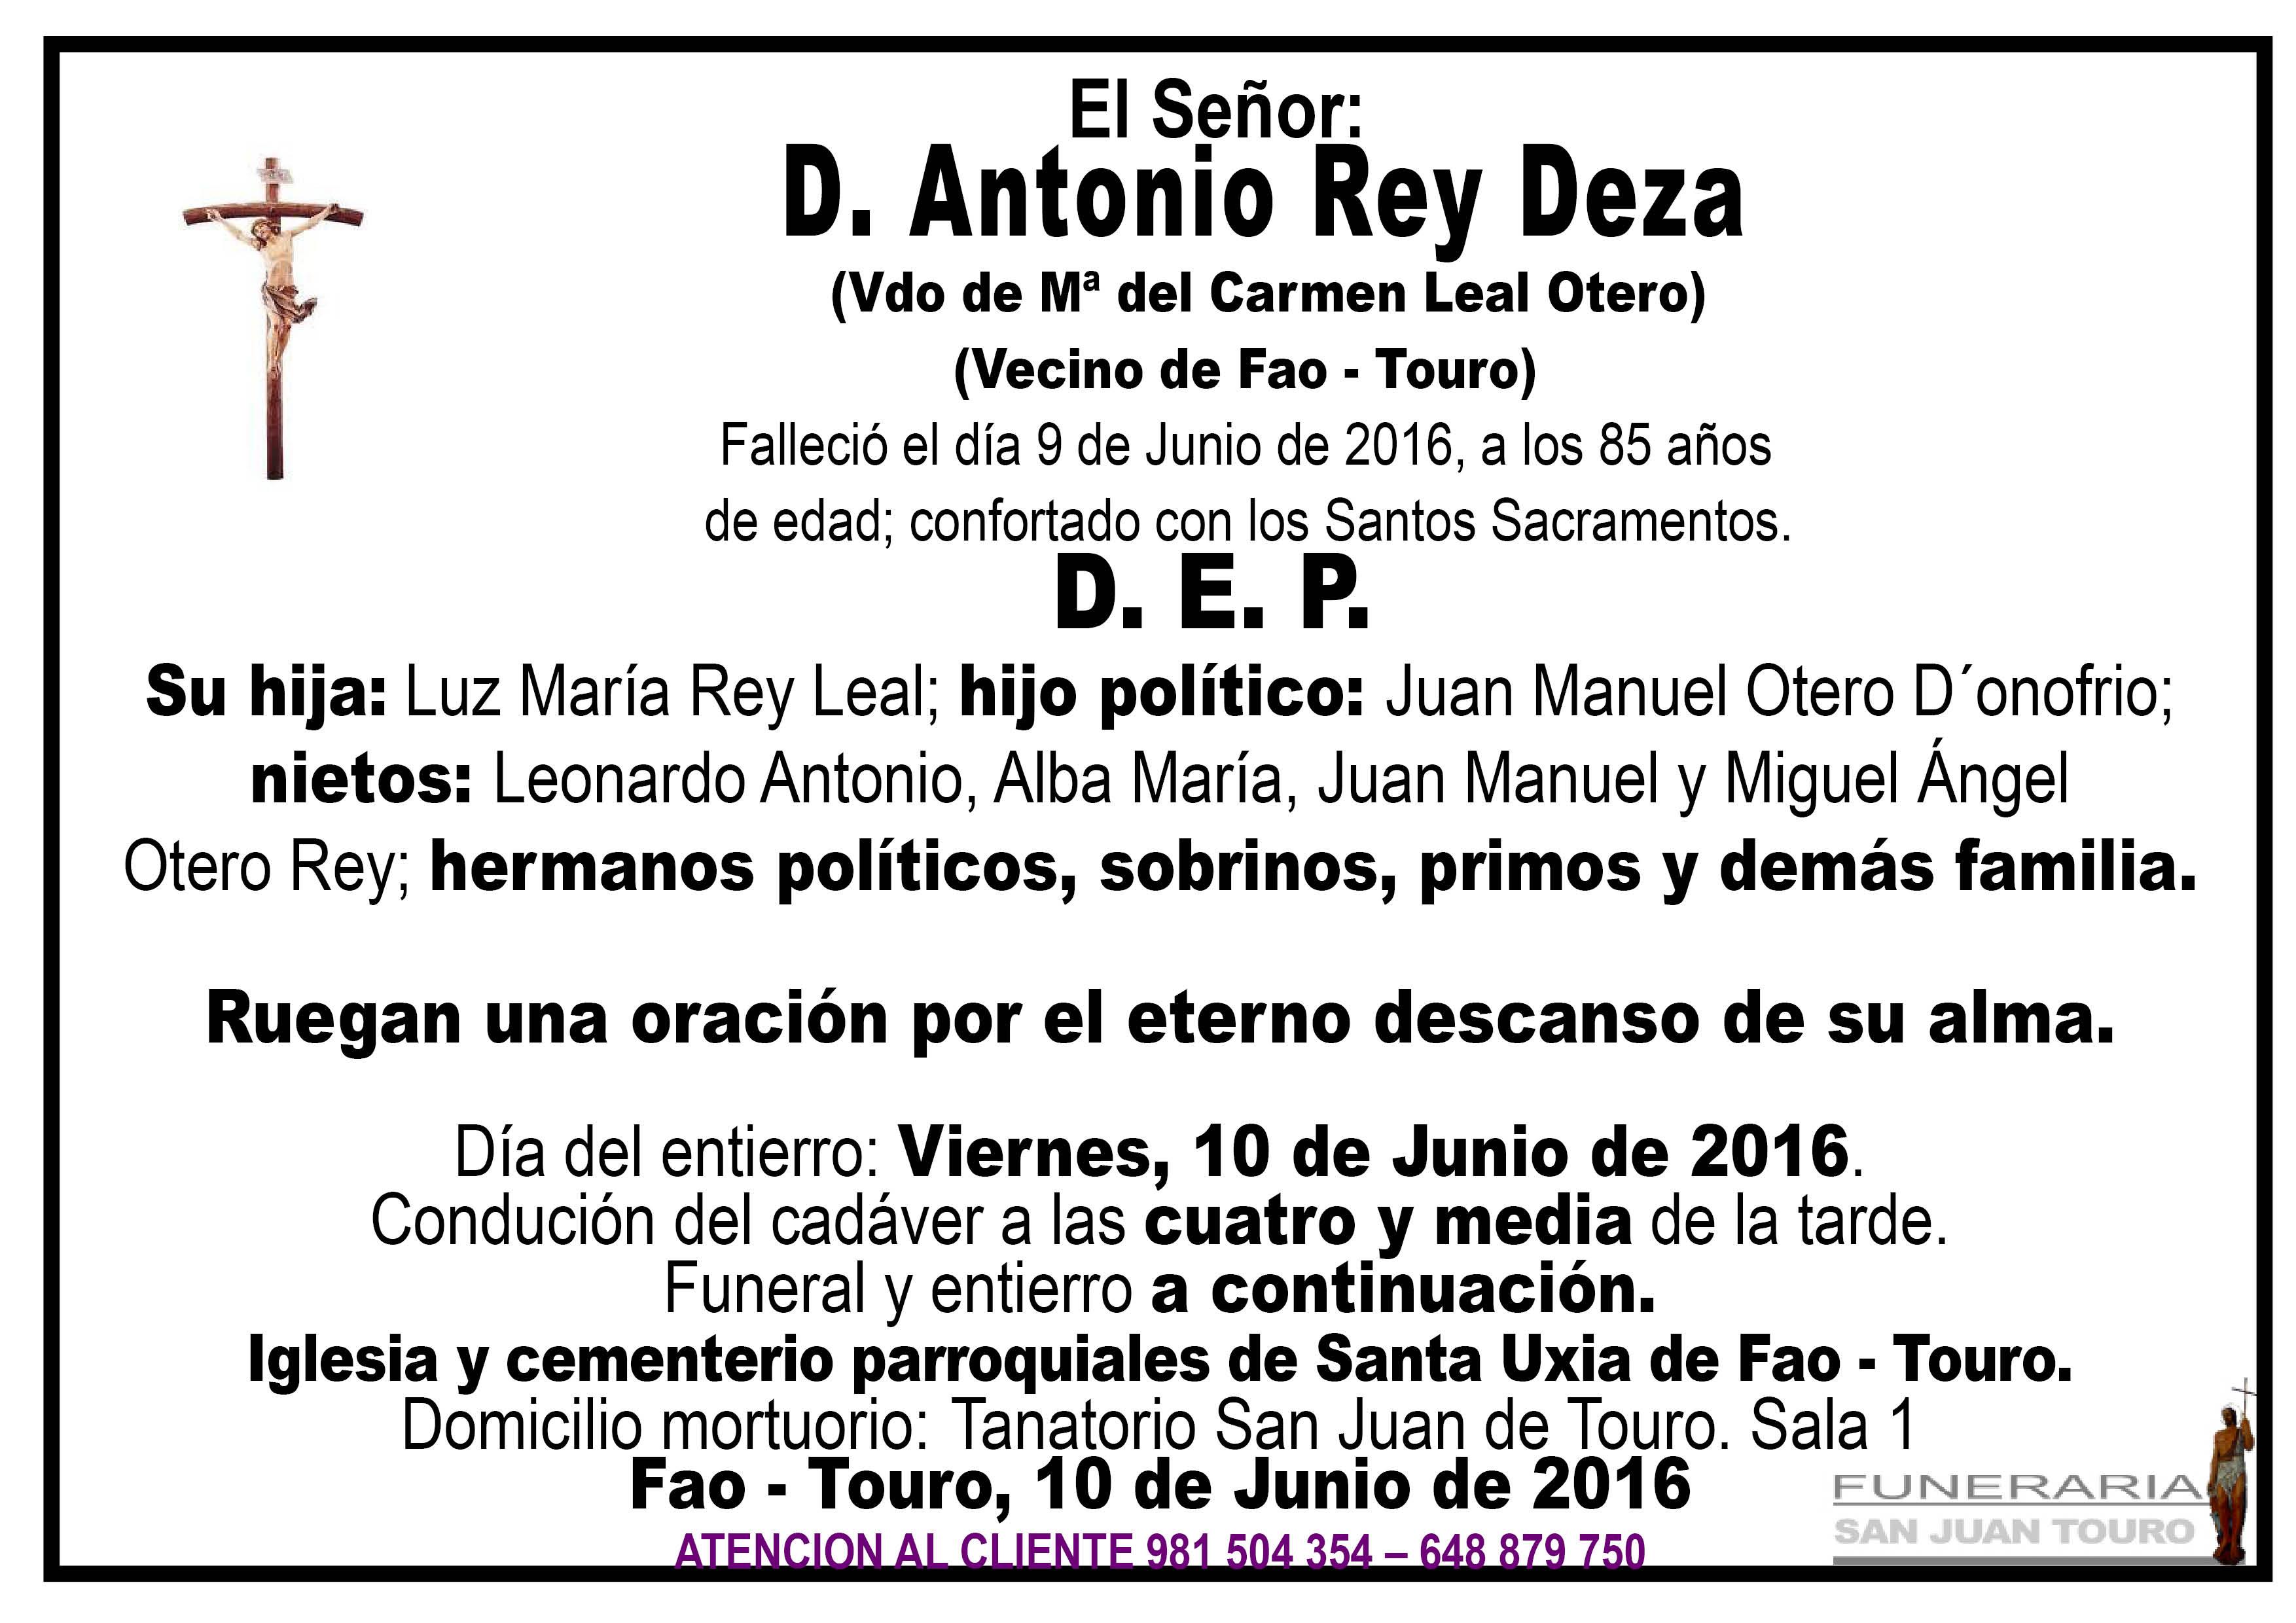 Esquela de SEPELIO D. ANTONIO REY DEZA